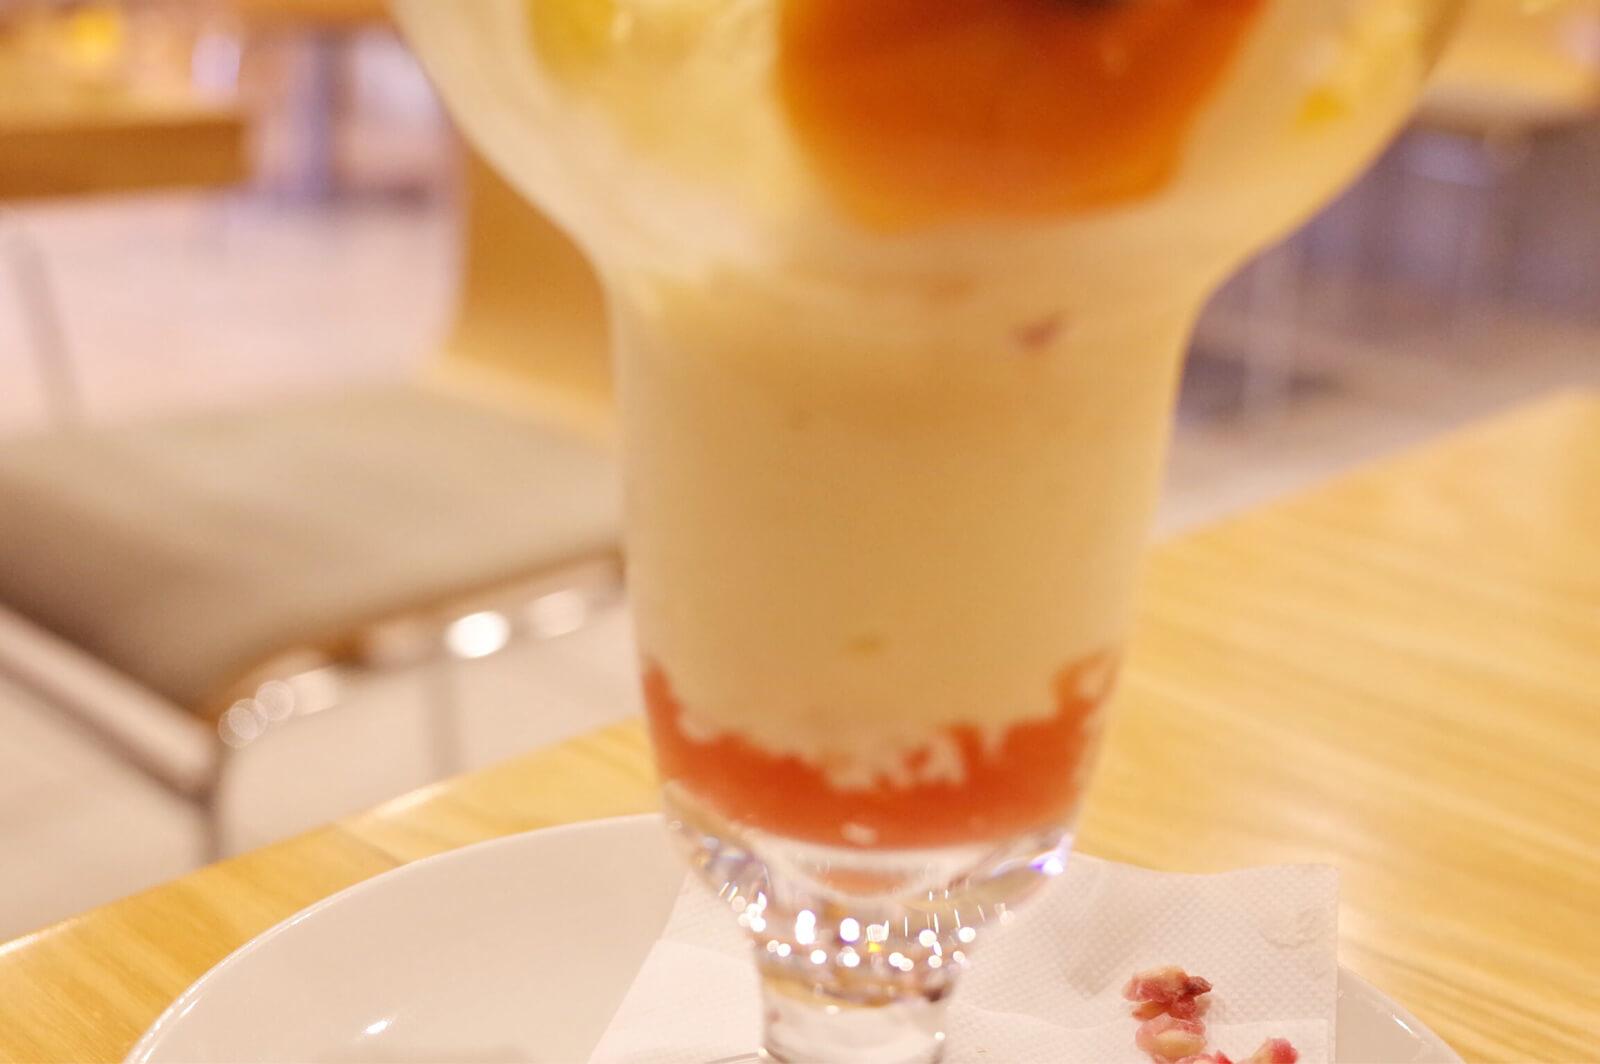 浅草 フルーツパーラーゴトー 本日のフルーツパフェ